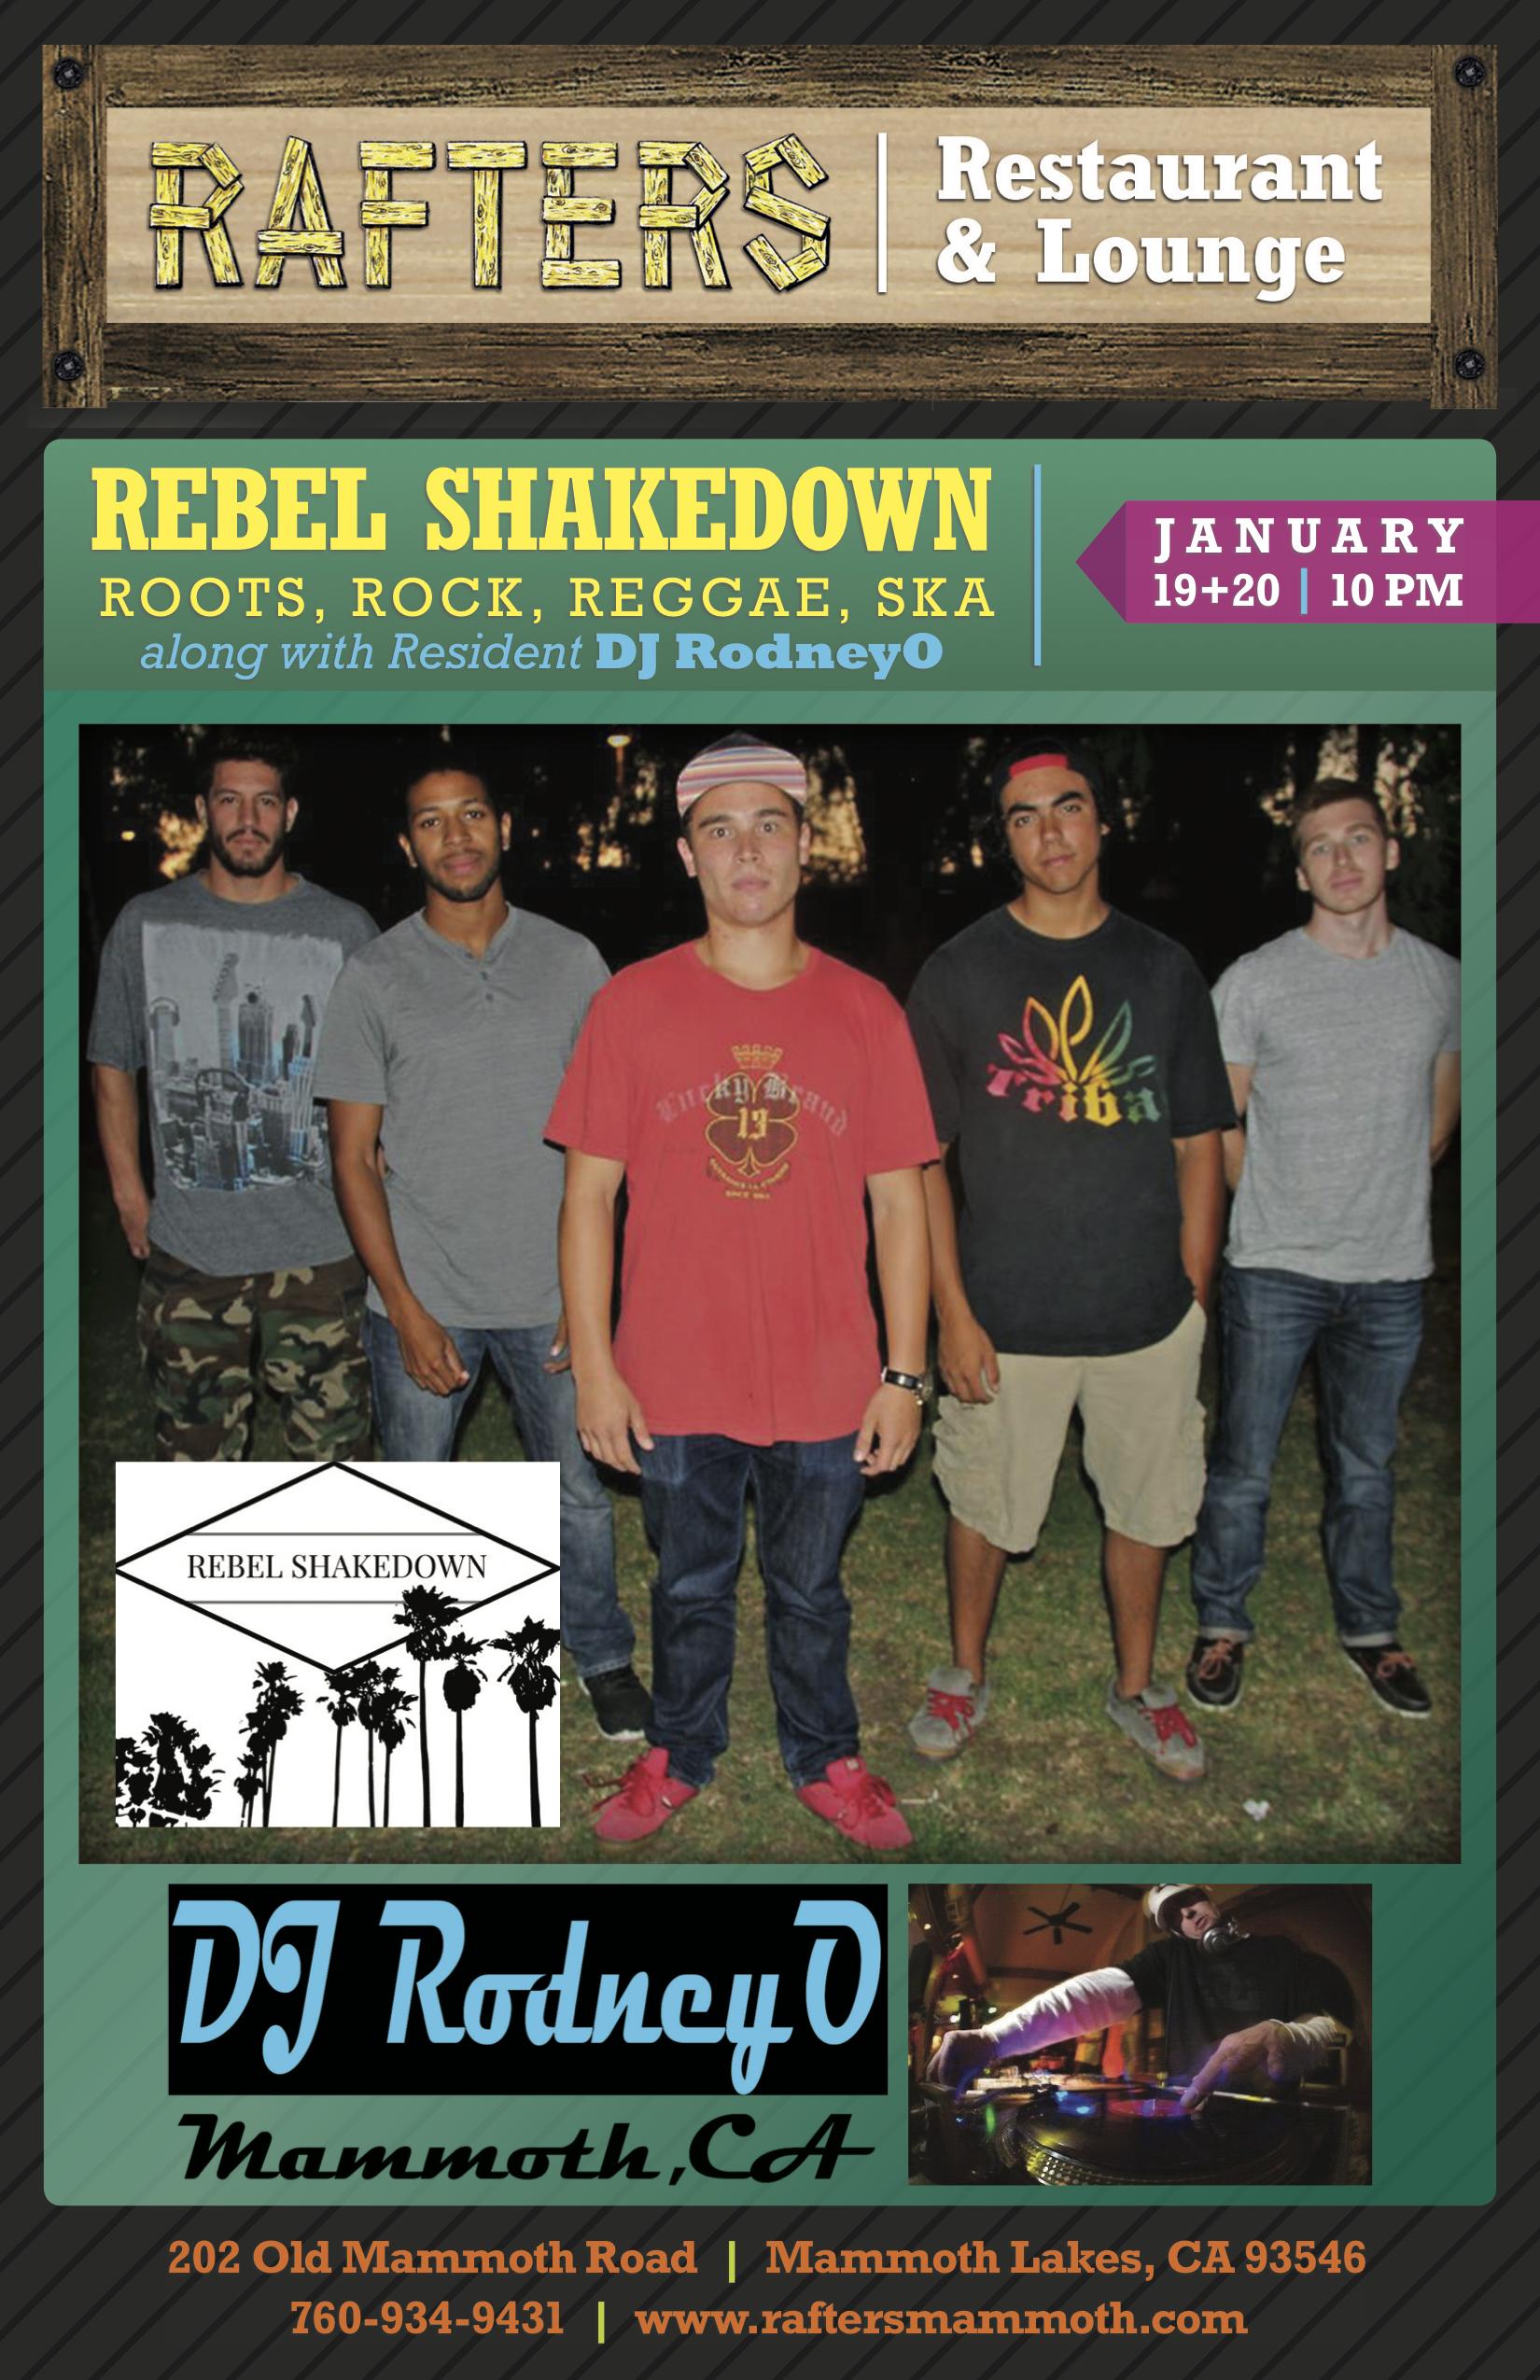 Rebel Shakedown Poster 11x17 011918_v1